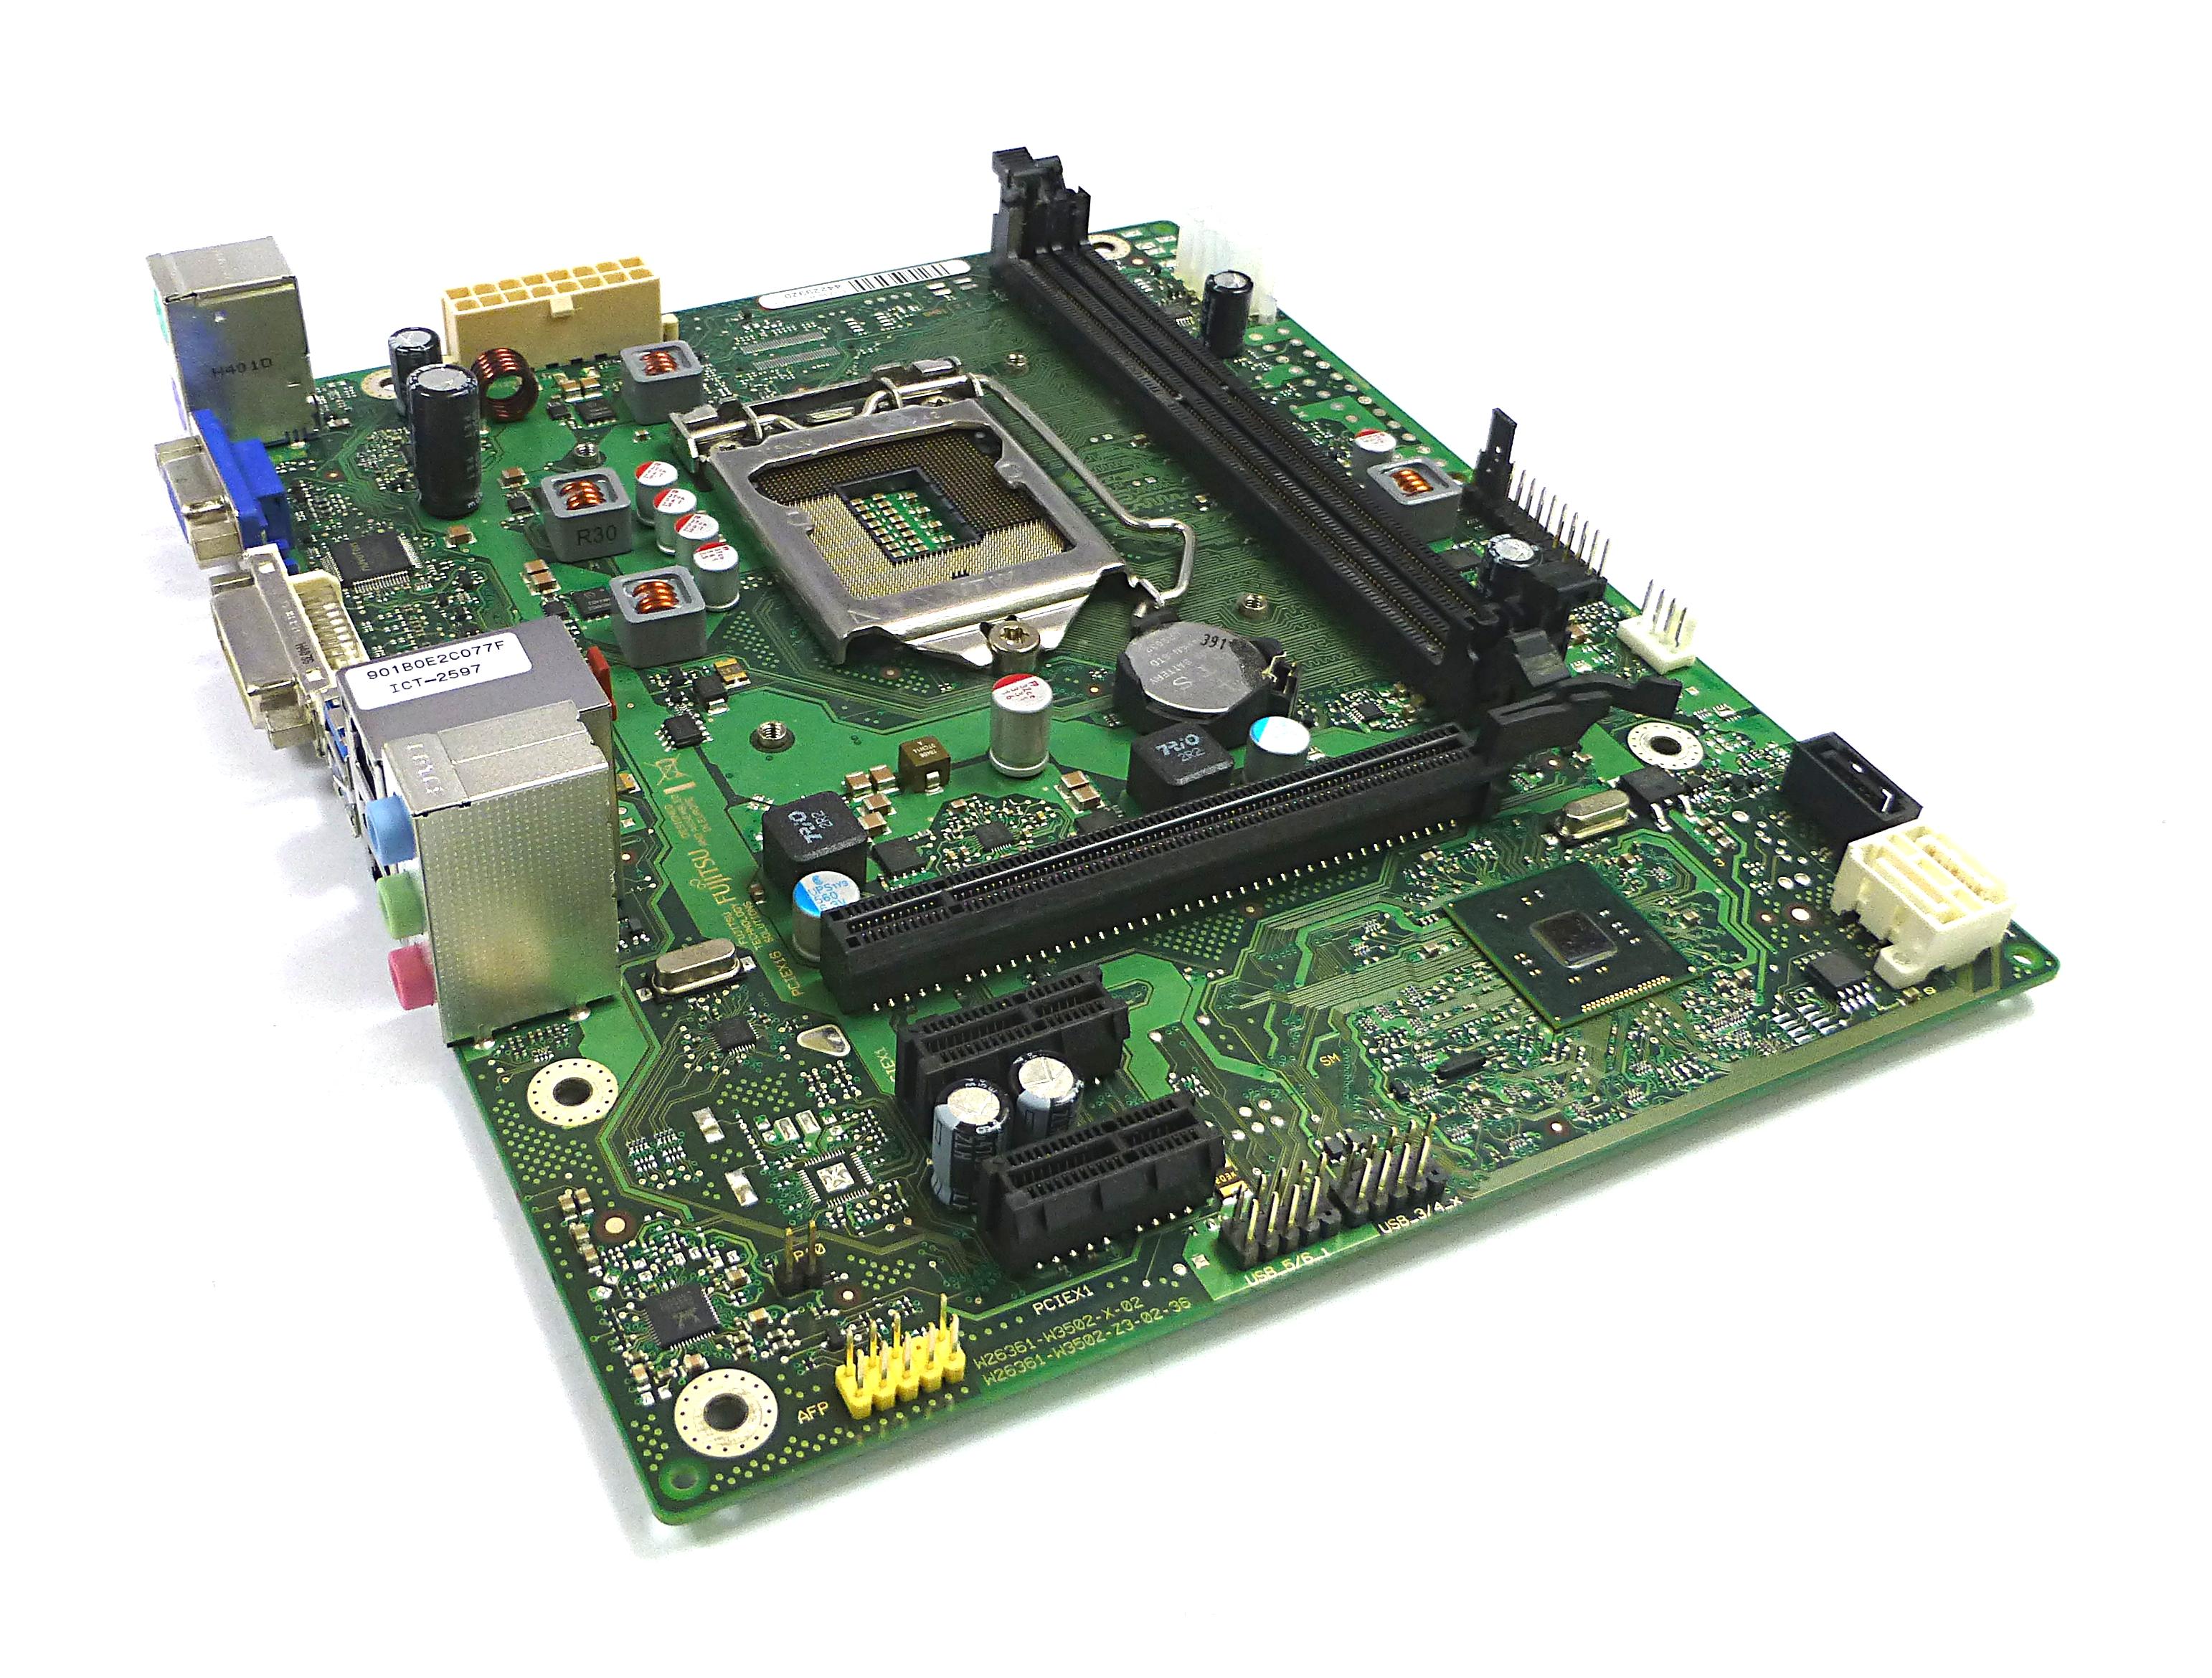 Fujitsu D3230-A11 GS 1 Socket LGA1150 Motherboard